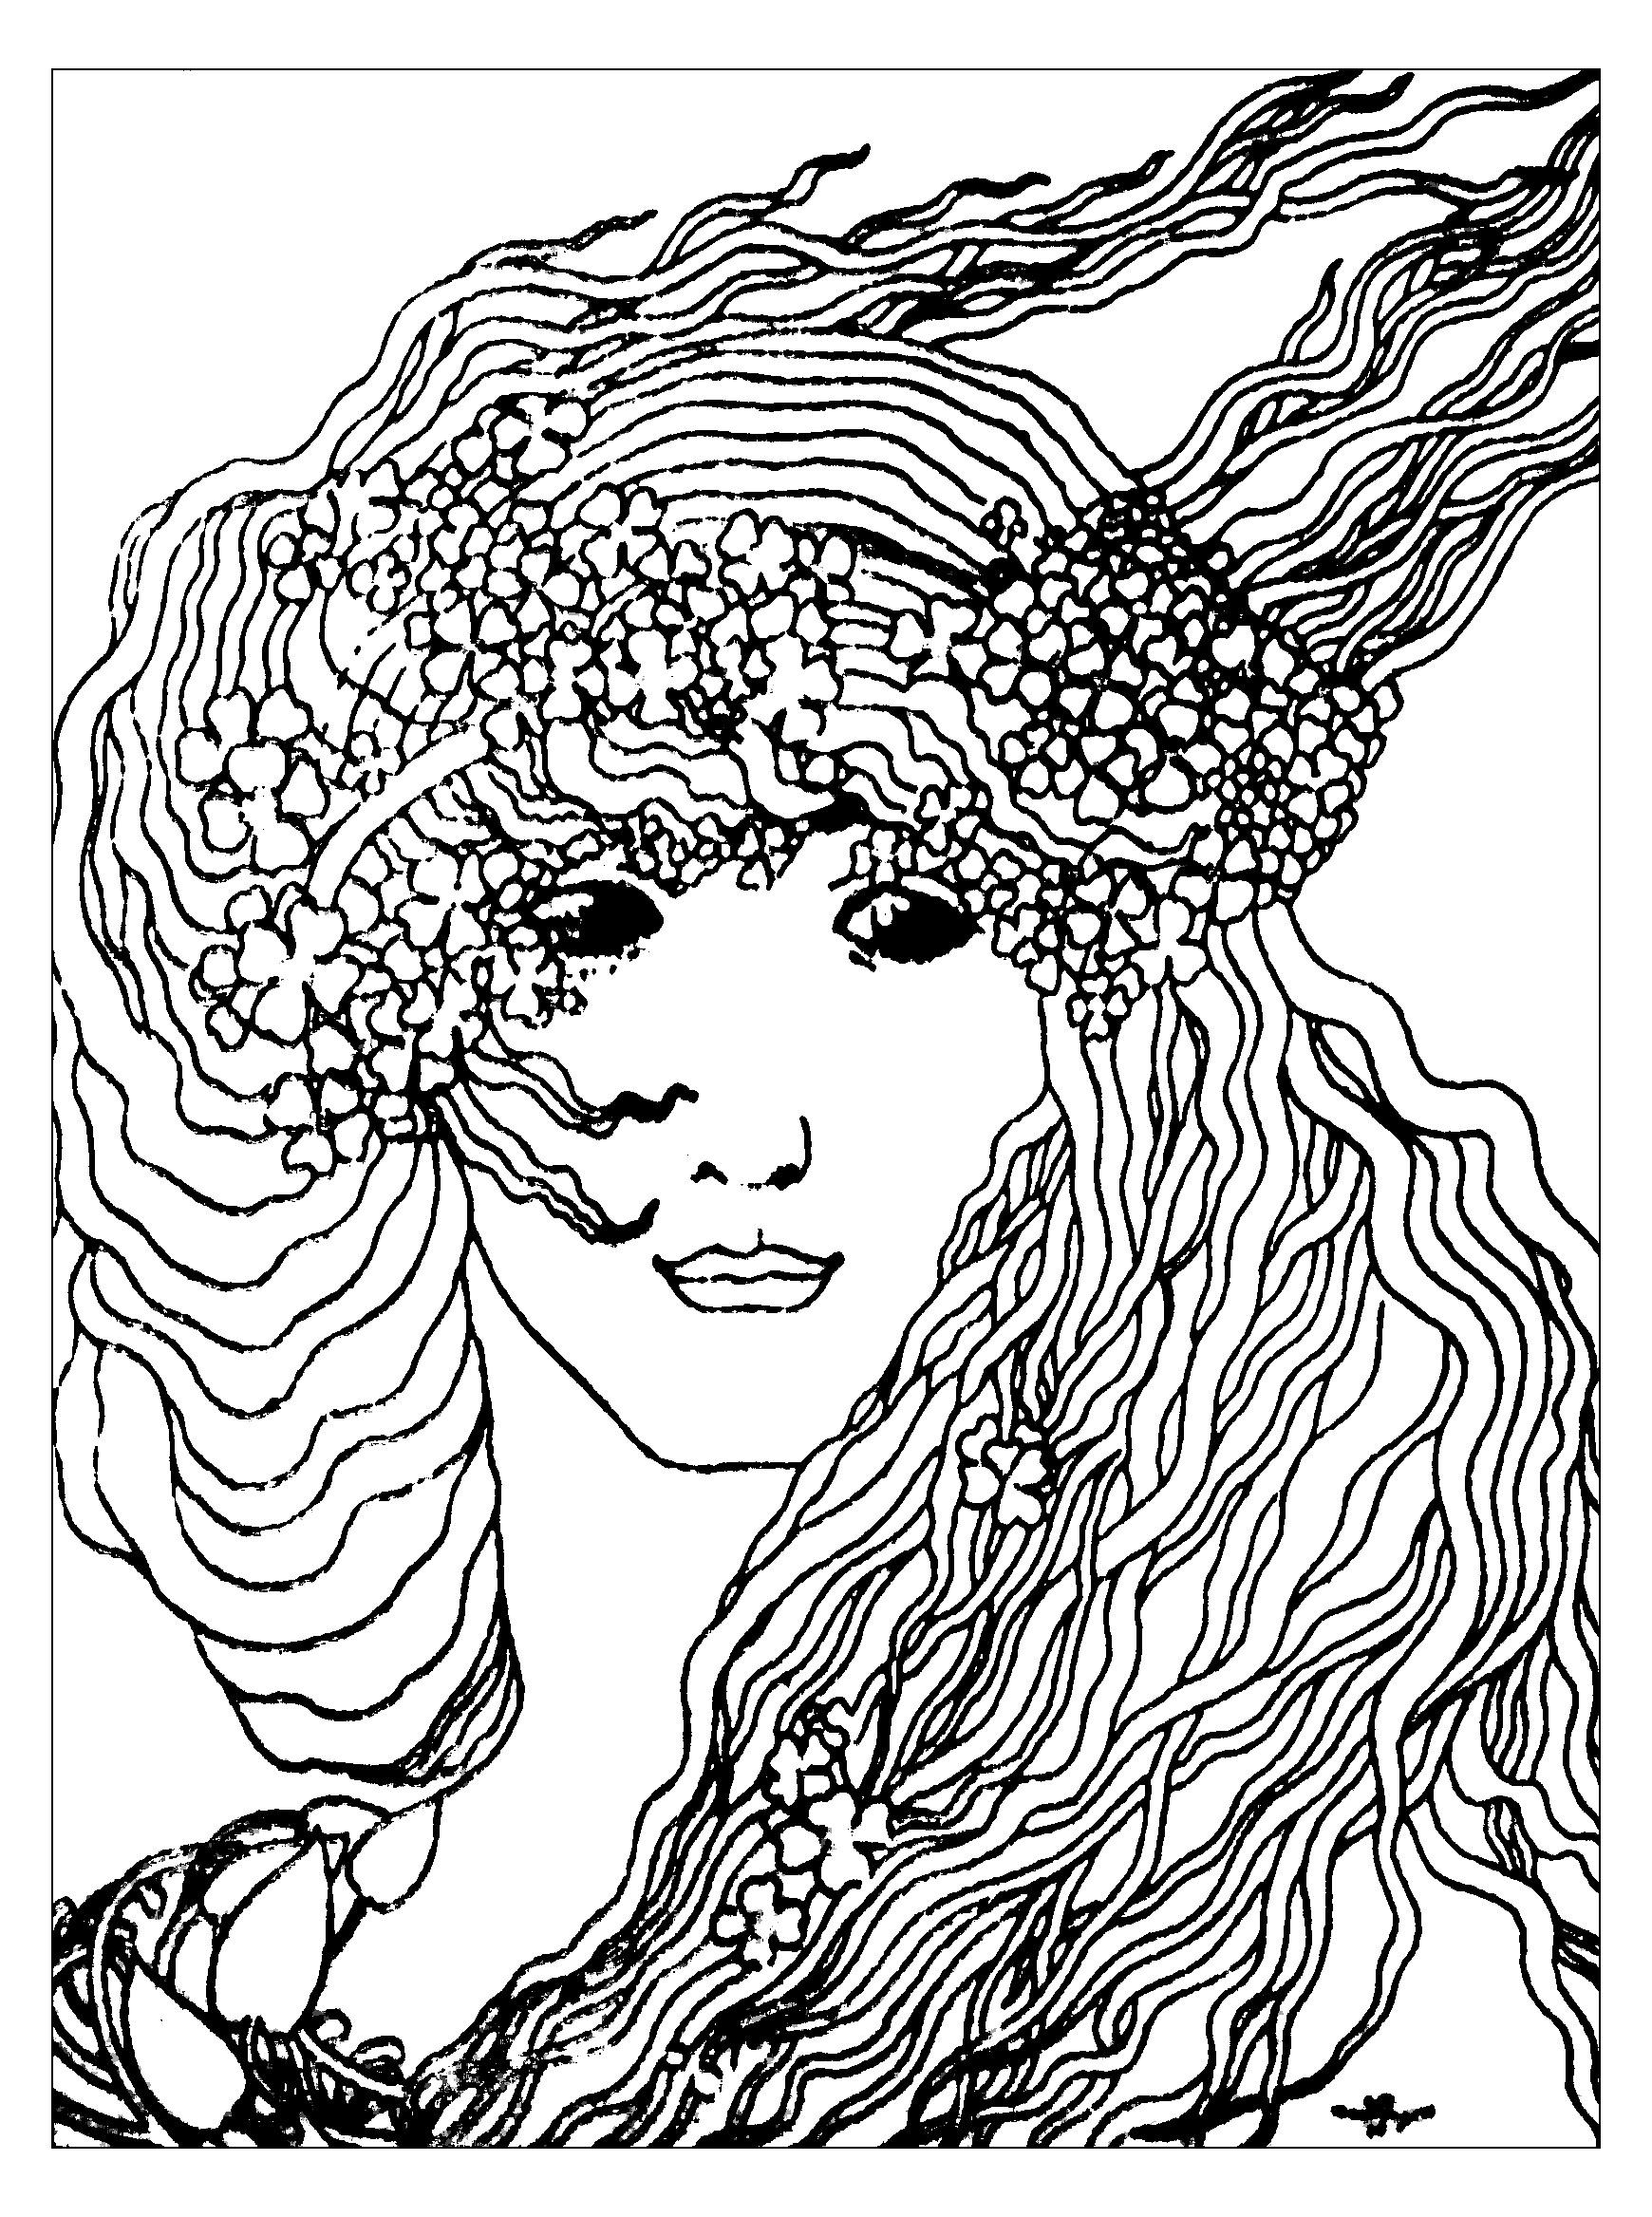 Coloriage créé à partir de 'Climax' de Aubrey Vincent Beardsley 1893